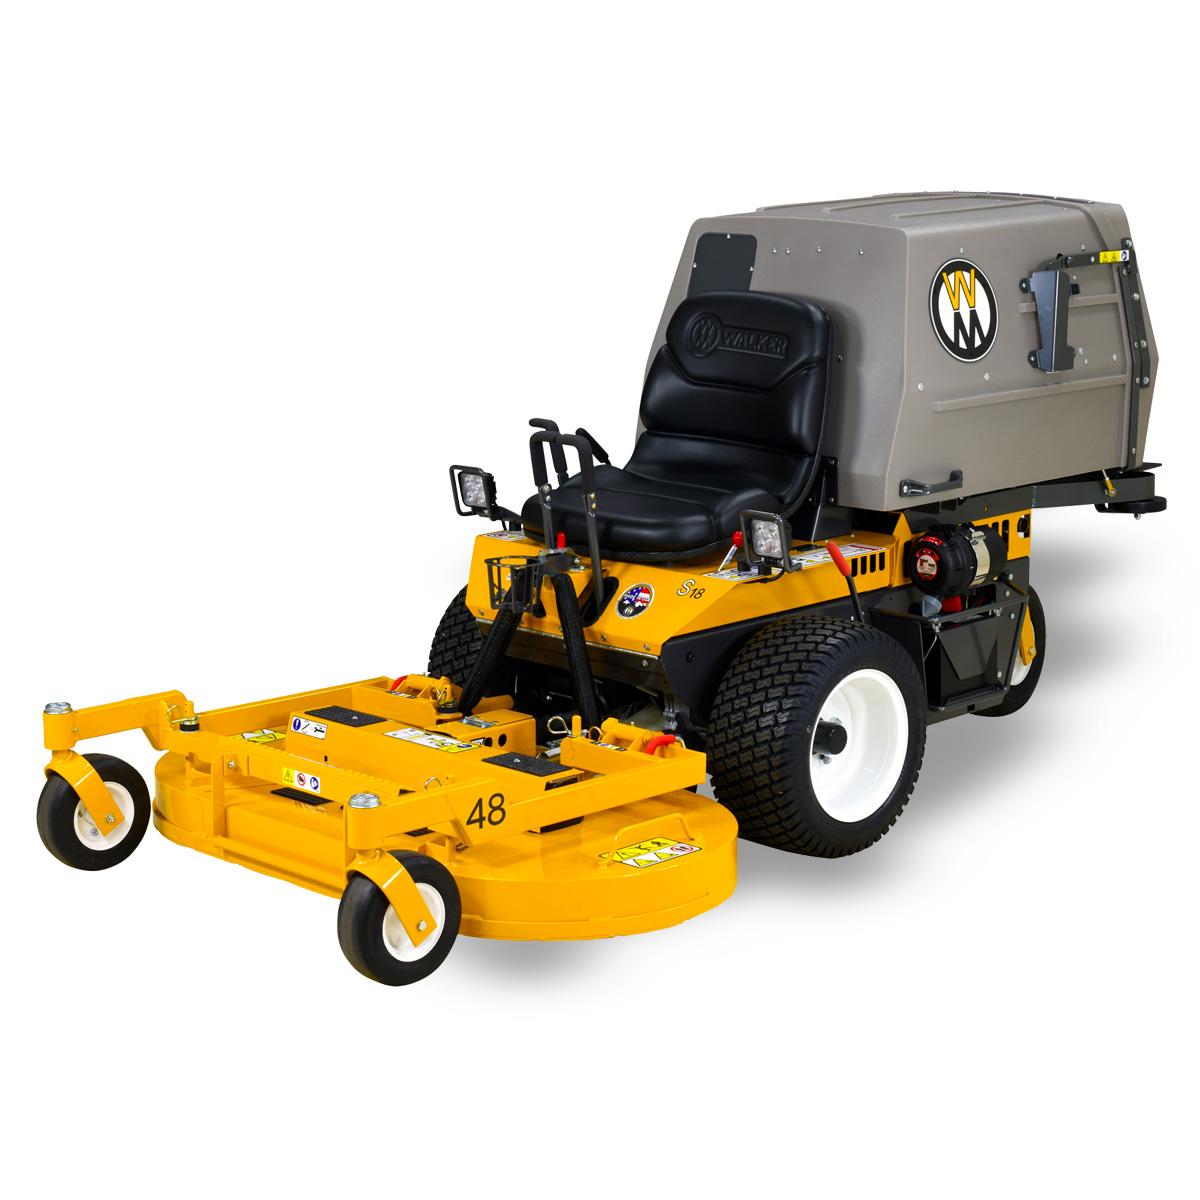 Walker Mower model MS grass collection mower